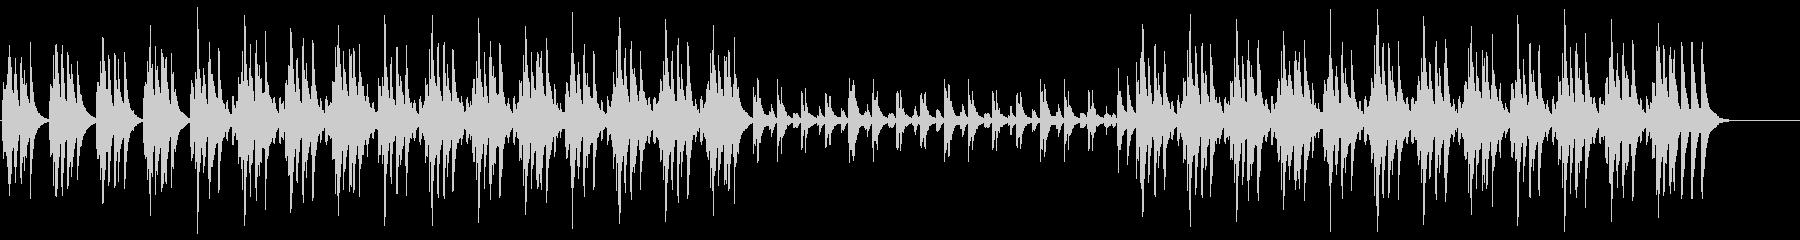 メロディアスで跳ねるような木琴BGMの未再生の波形